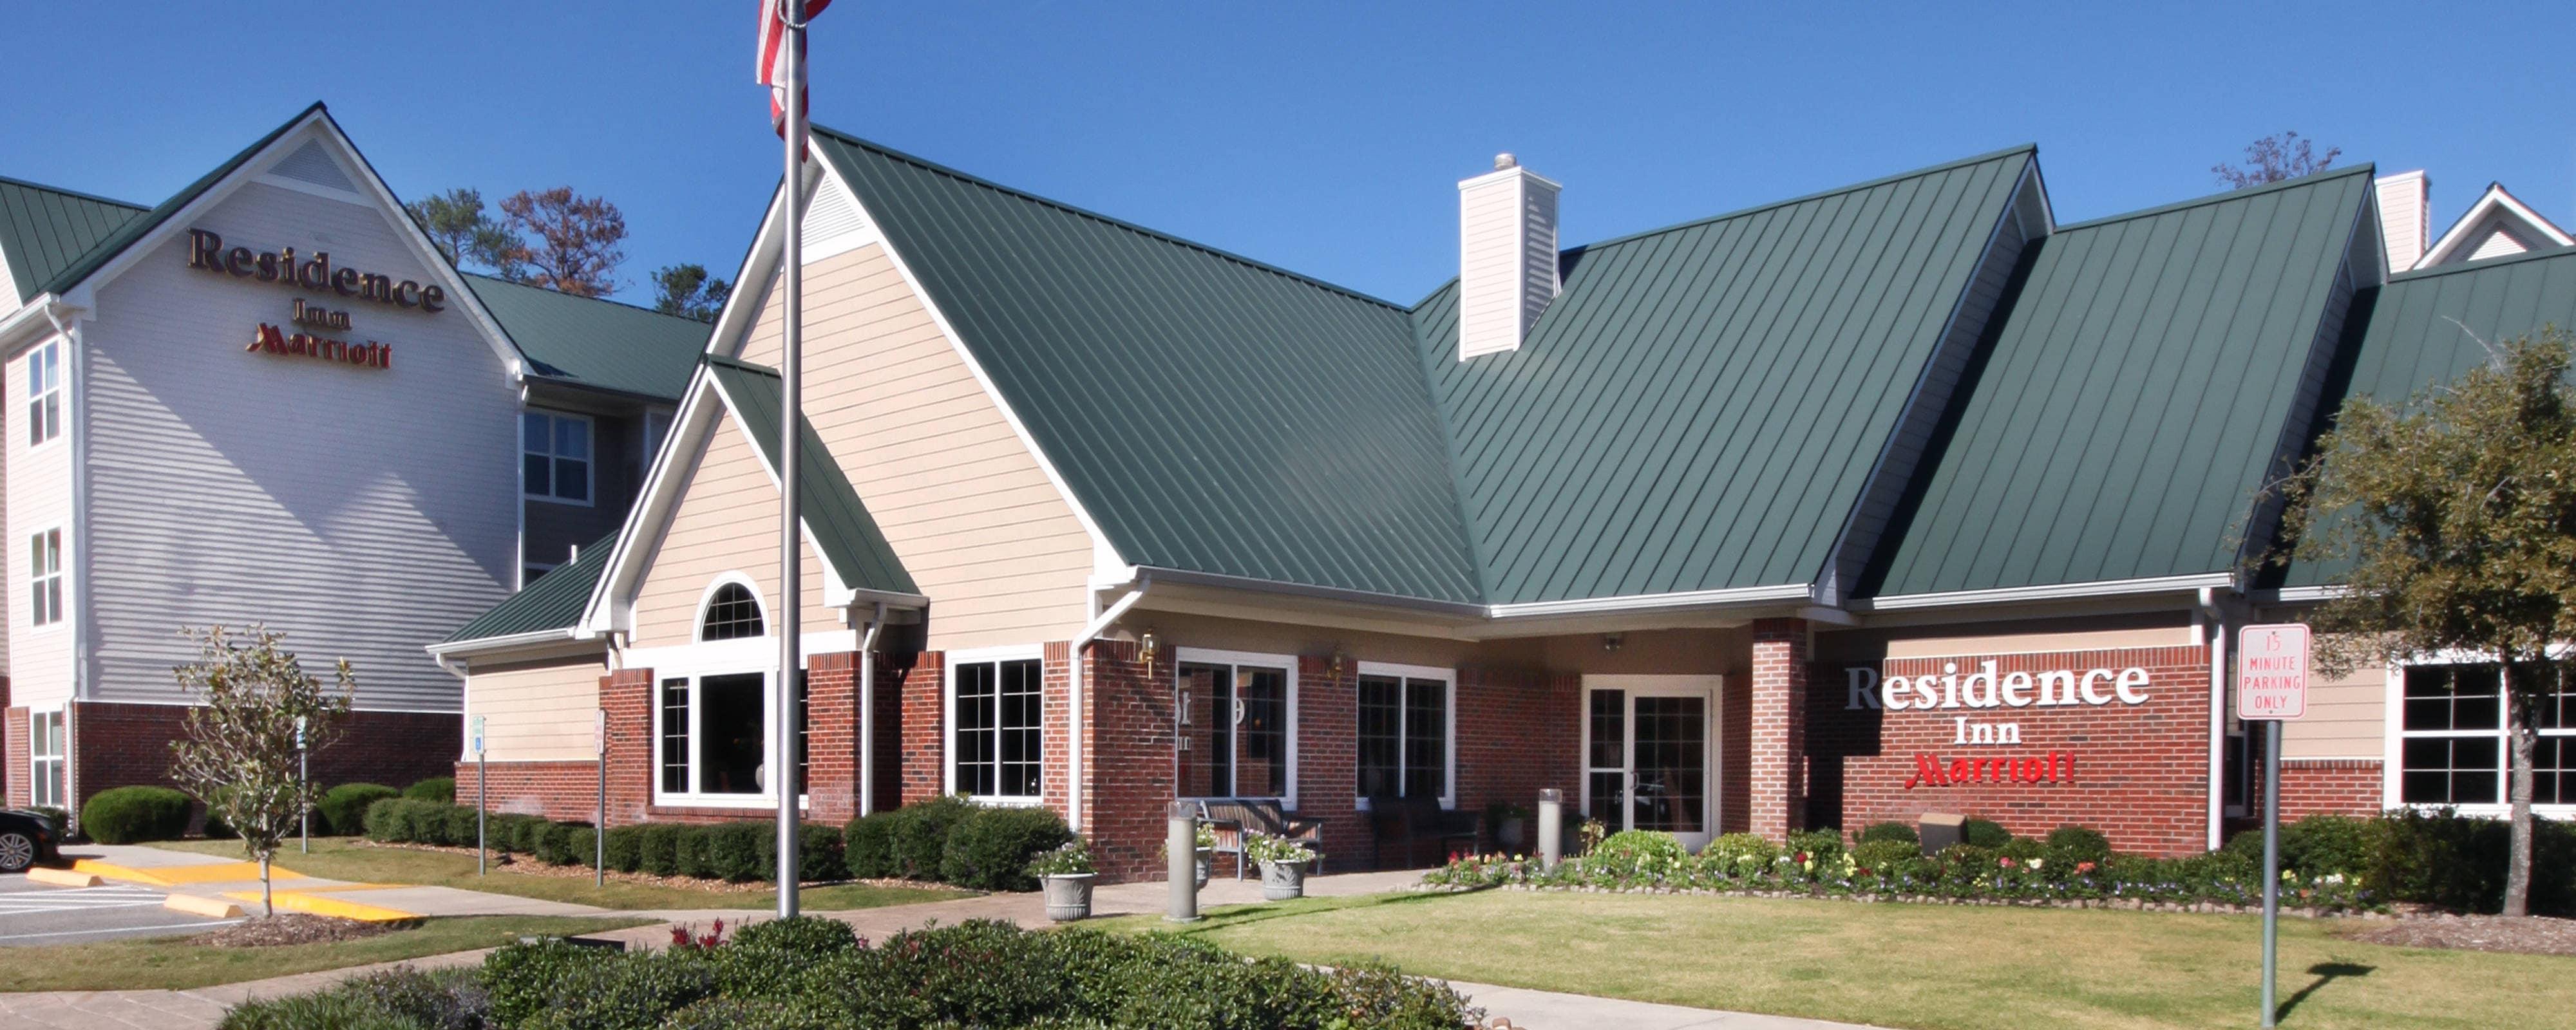 Houston Woodlands Residence Inn Hotel